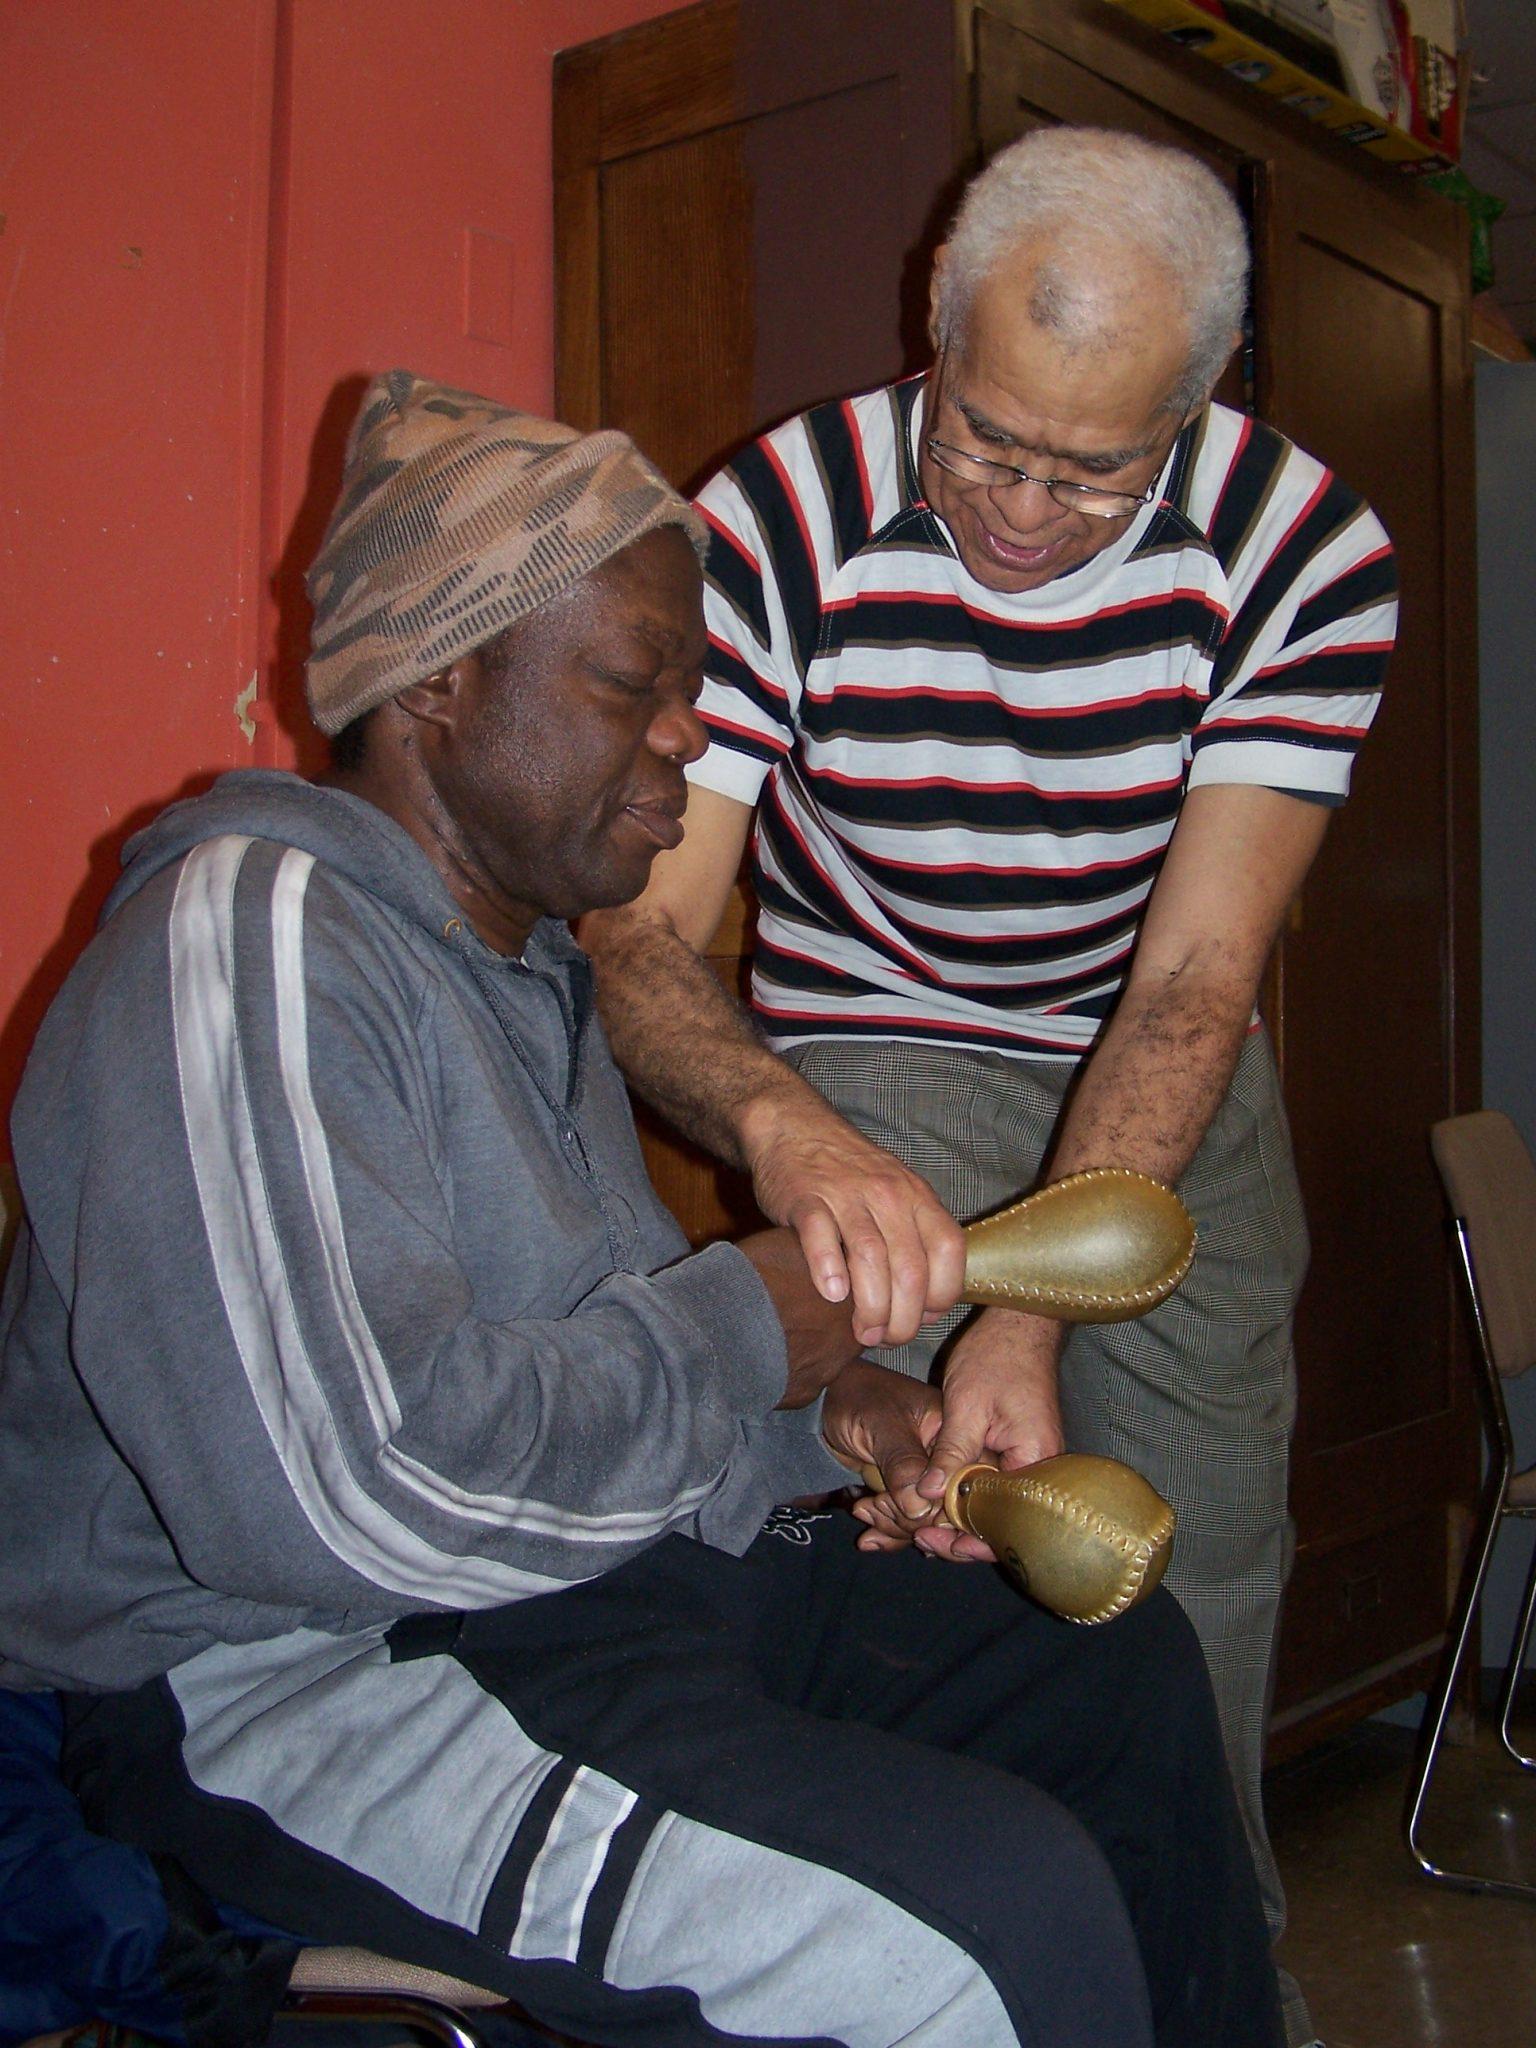 teaching a man how to hold marachas